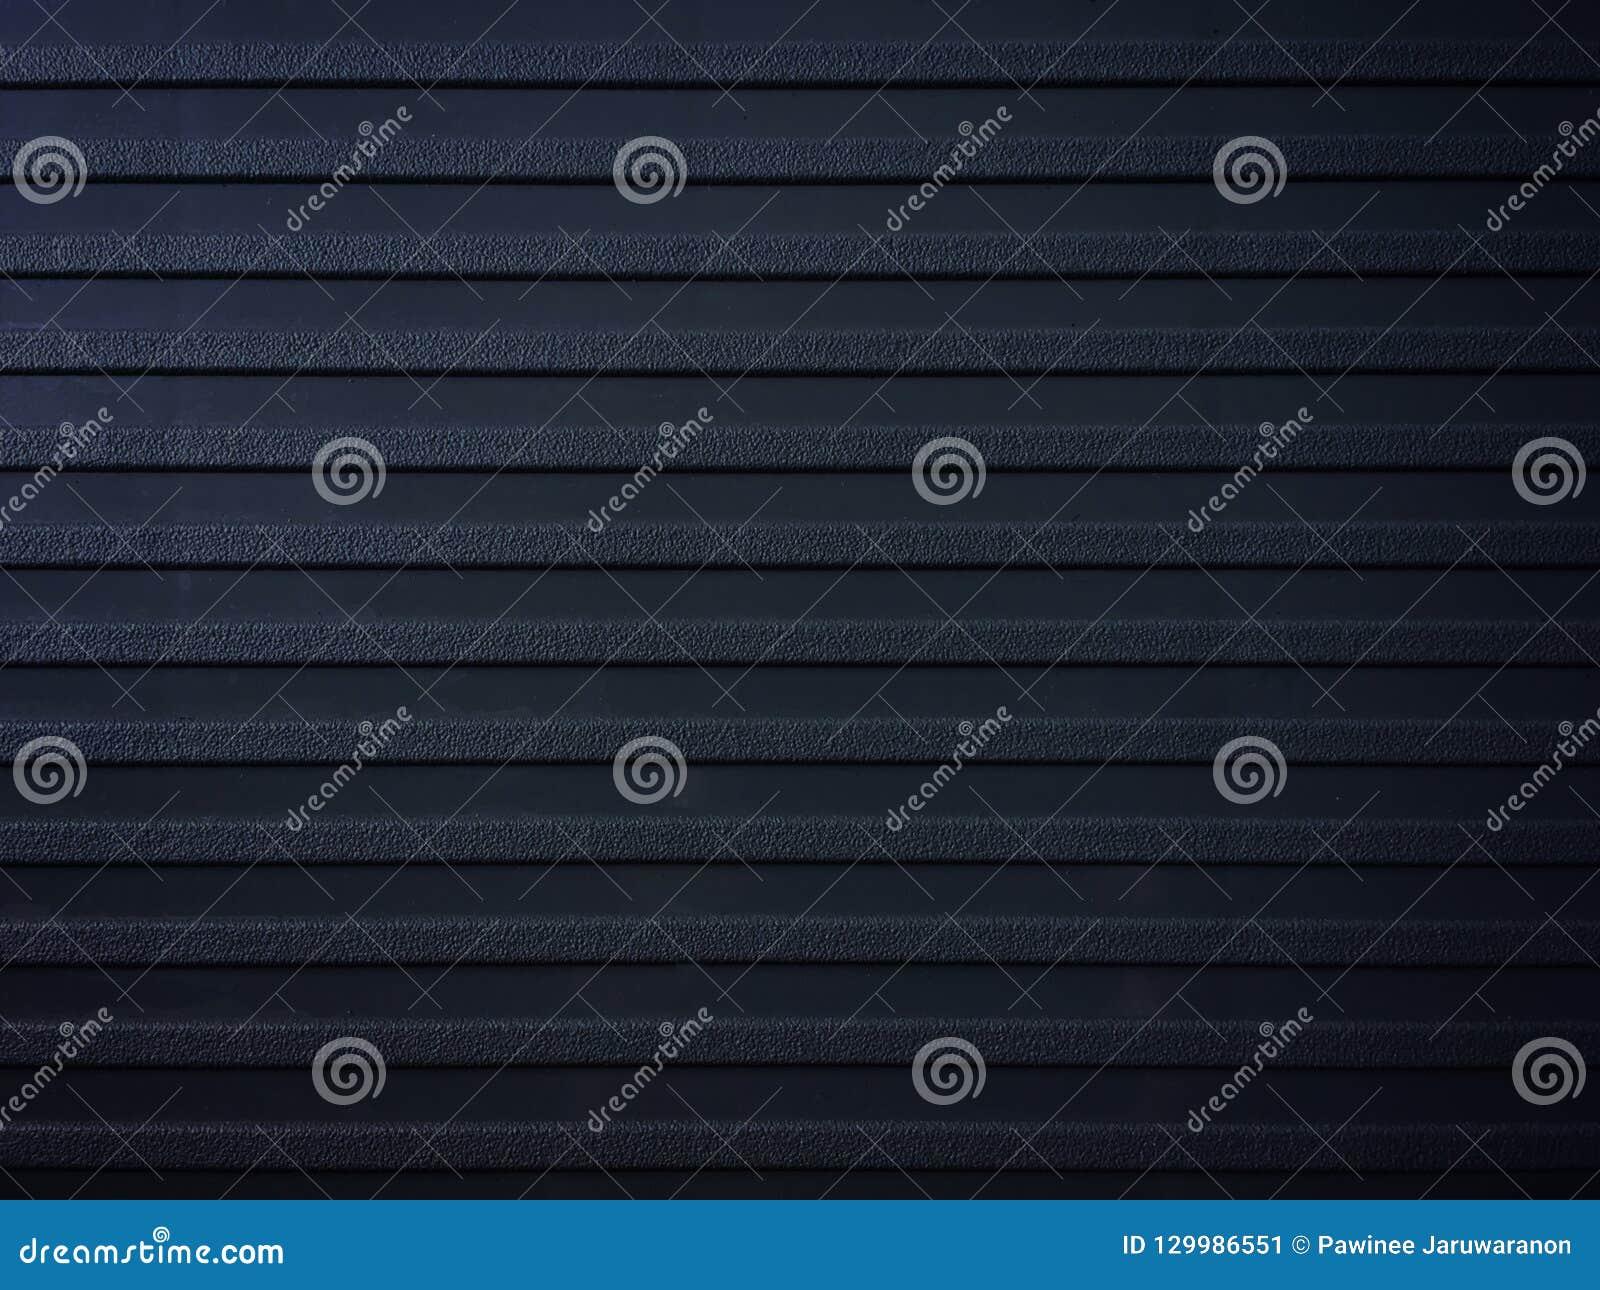 Szorstkiej powierzchni rząd na czarnym tle siedzenie dekoracja